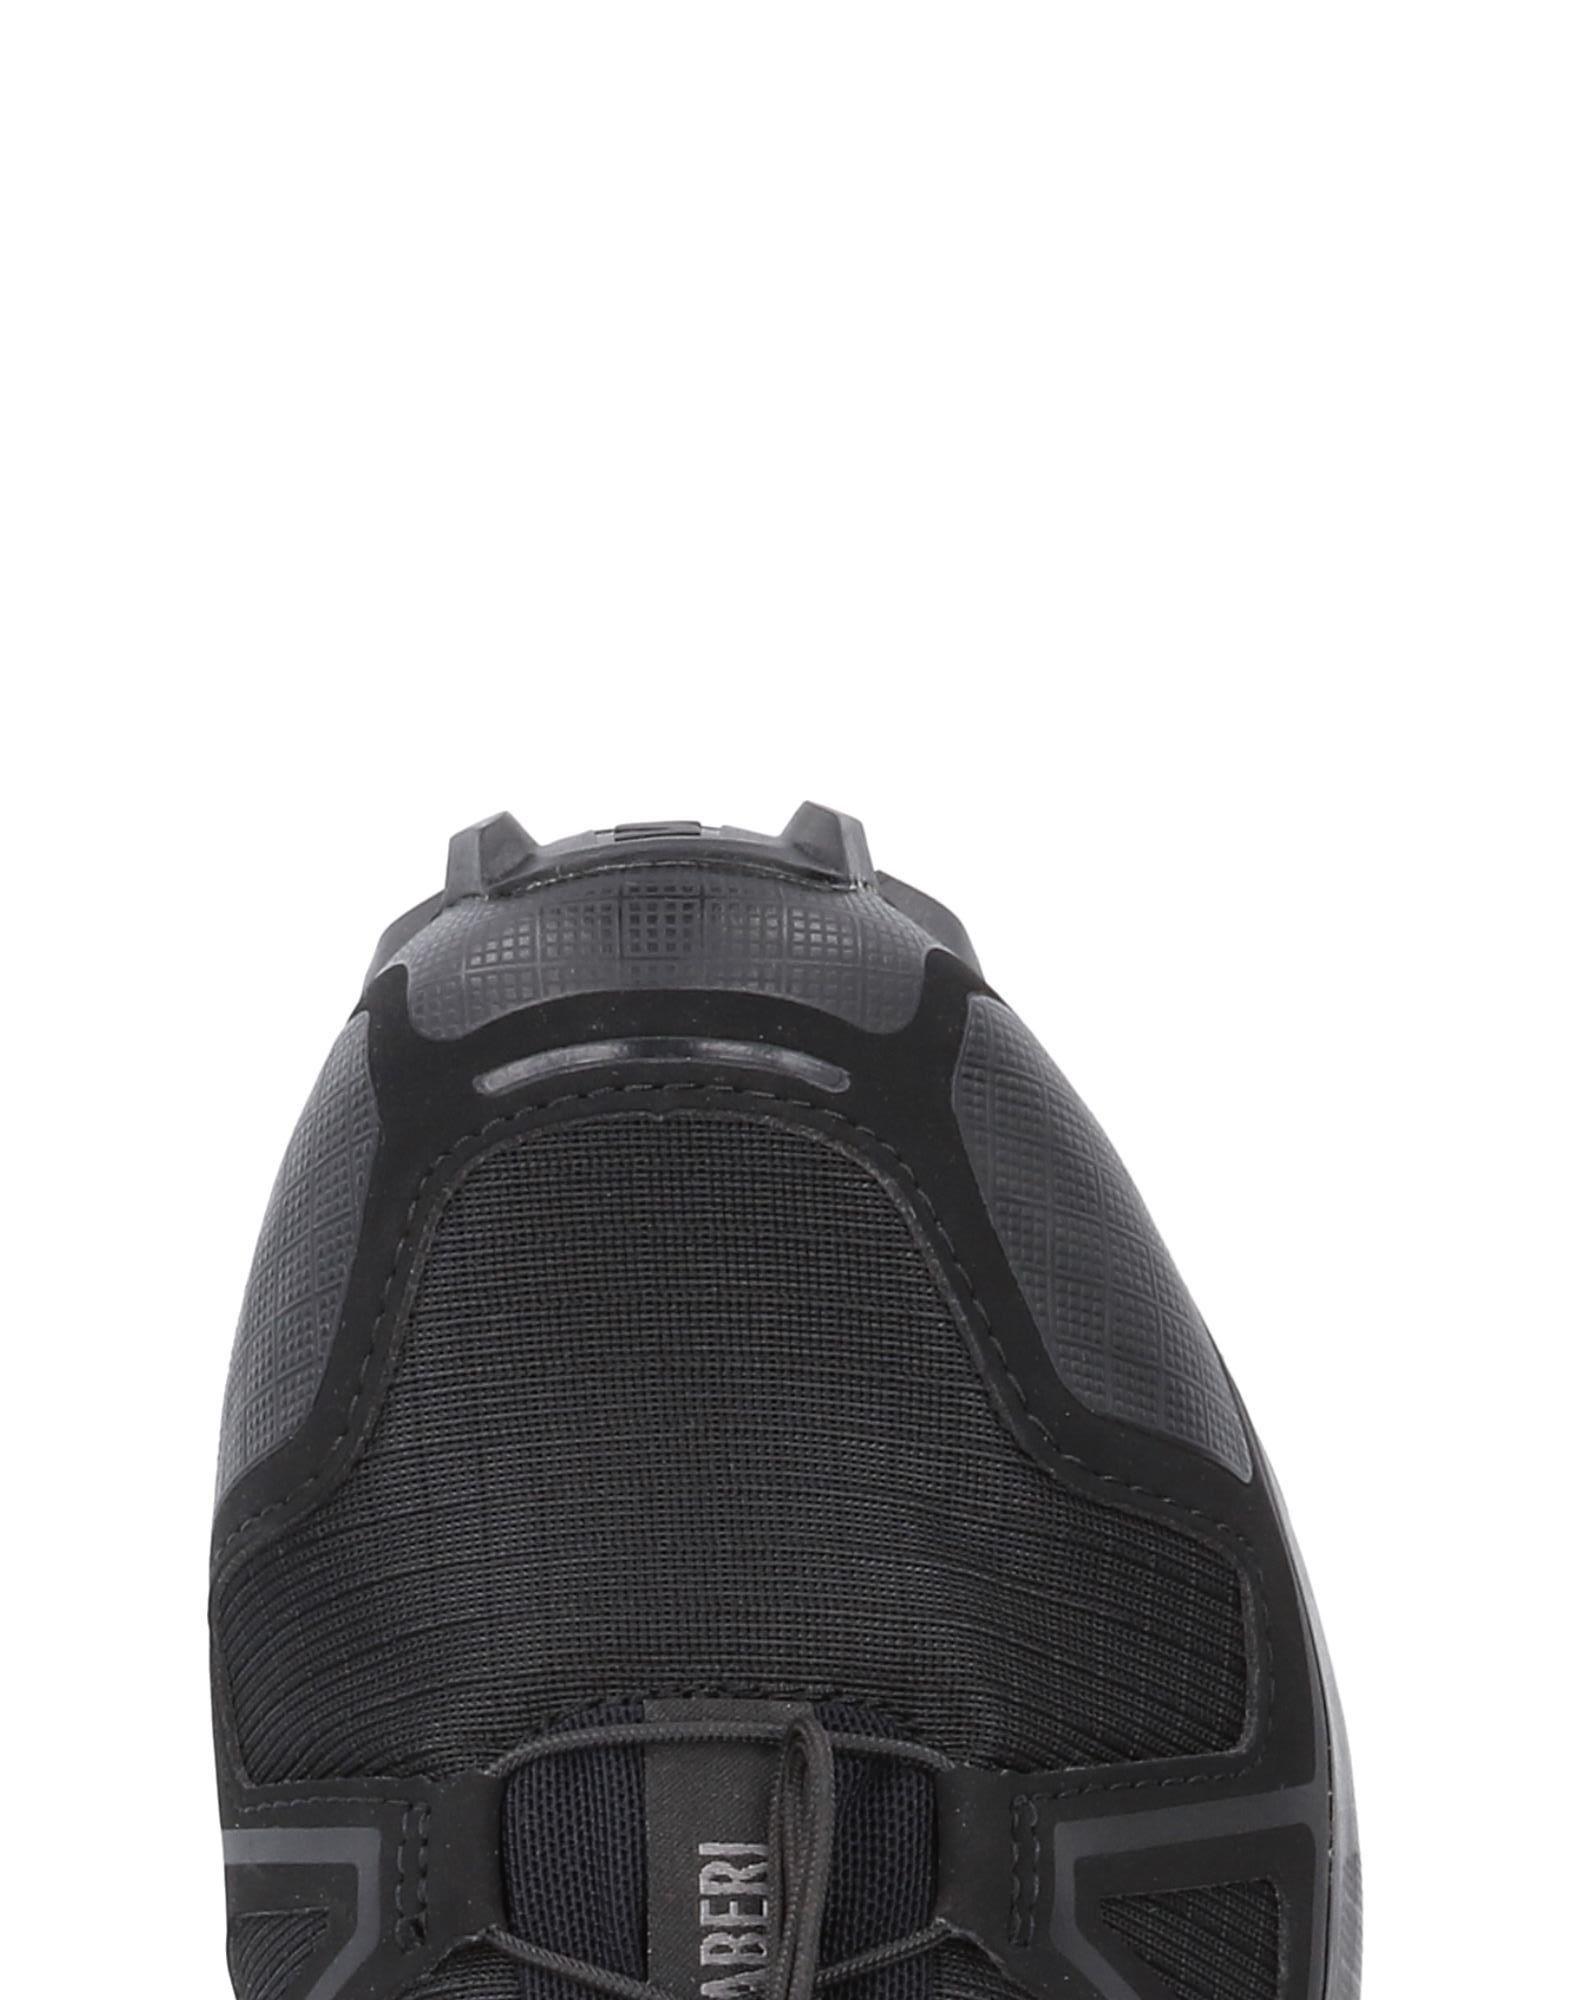 Salomon Sneakers Herren  11489787VO Schuhe Gute Qualität beliebte Schuhe 11489787VO 8441b5